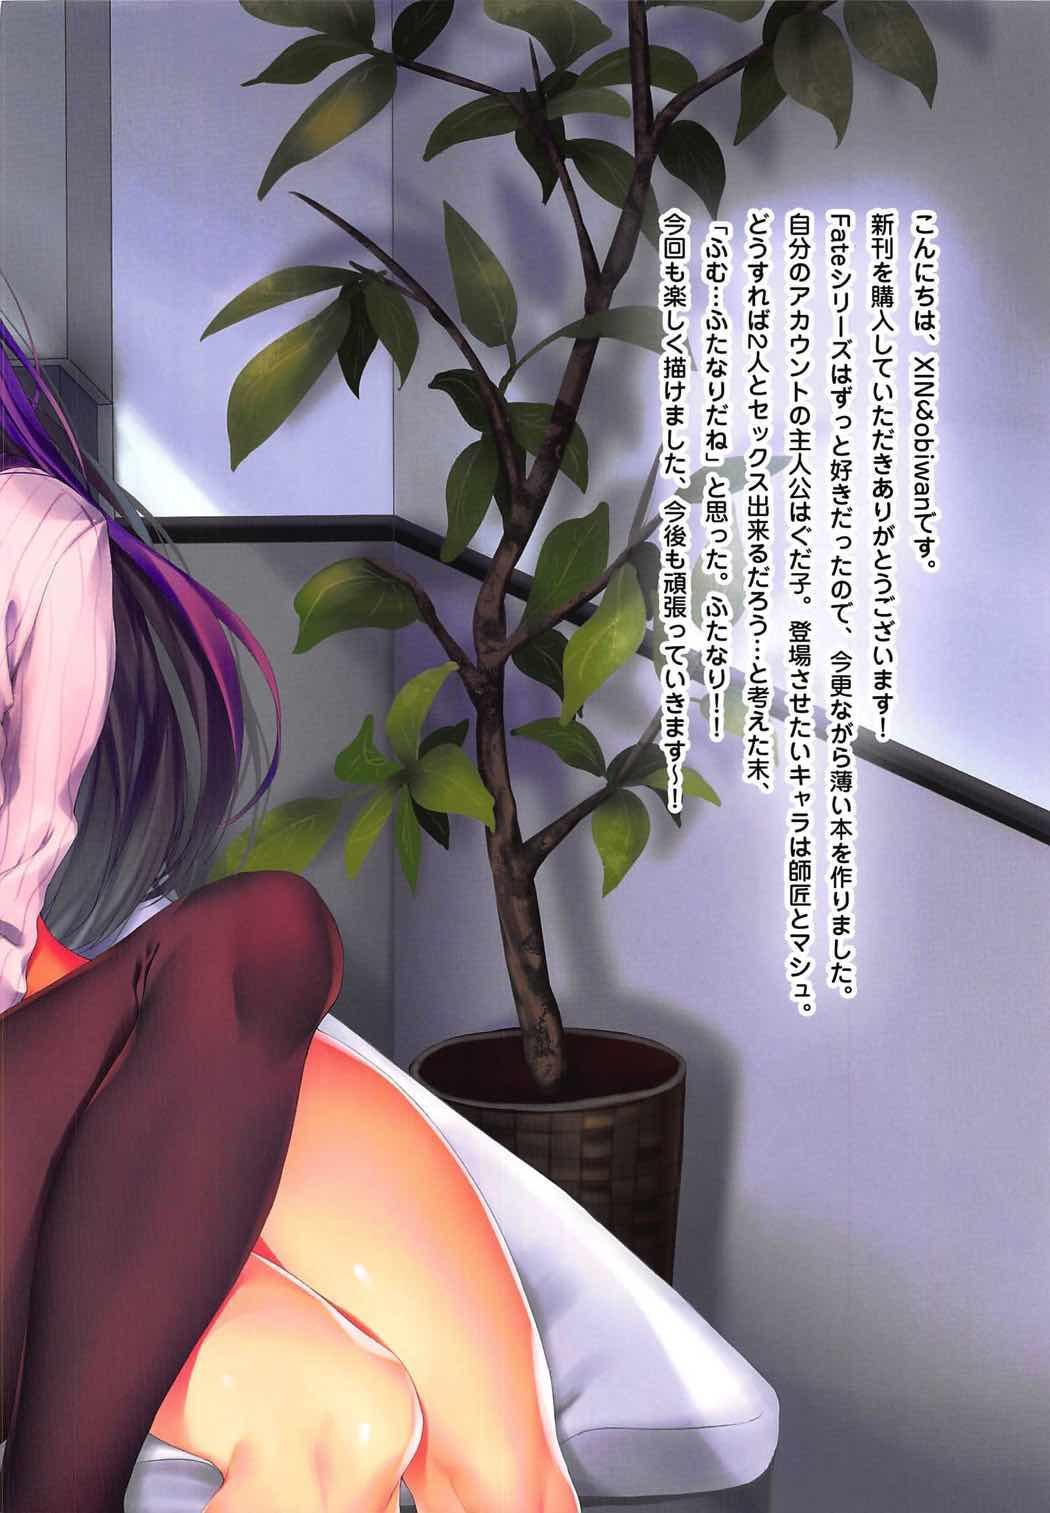 Carnival 10 - Omae ga Motomeru no wa Kono Yari ka? 22